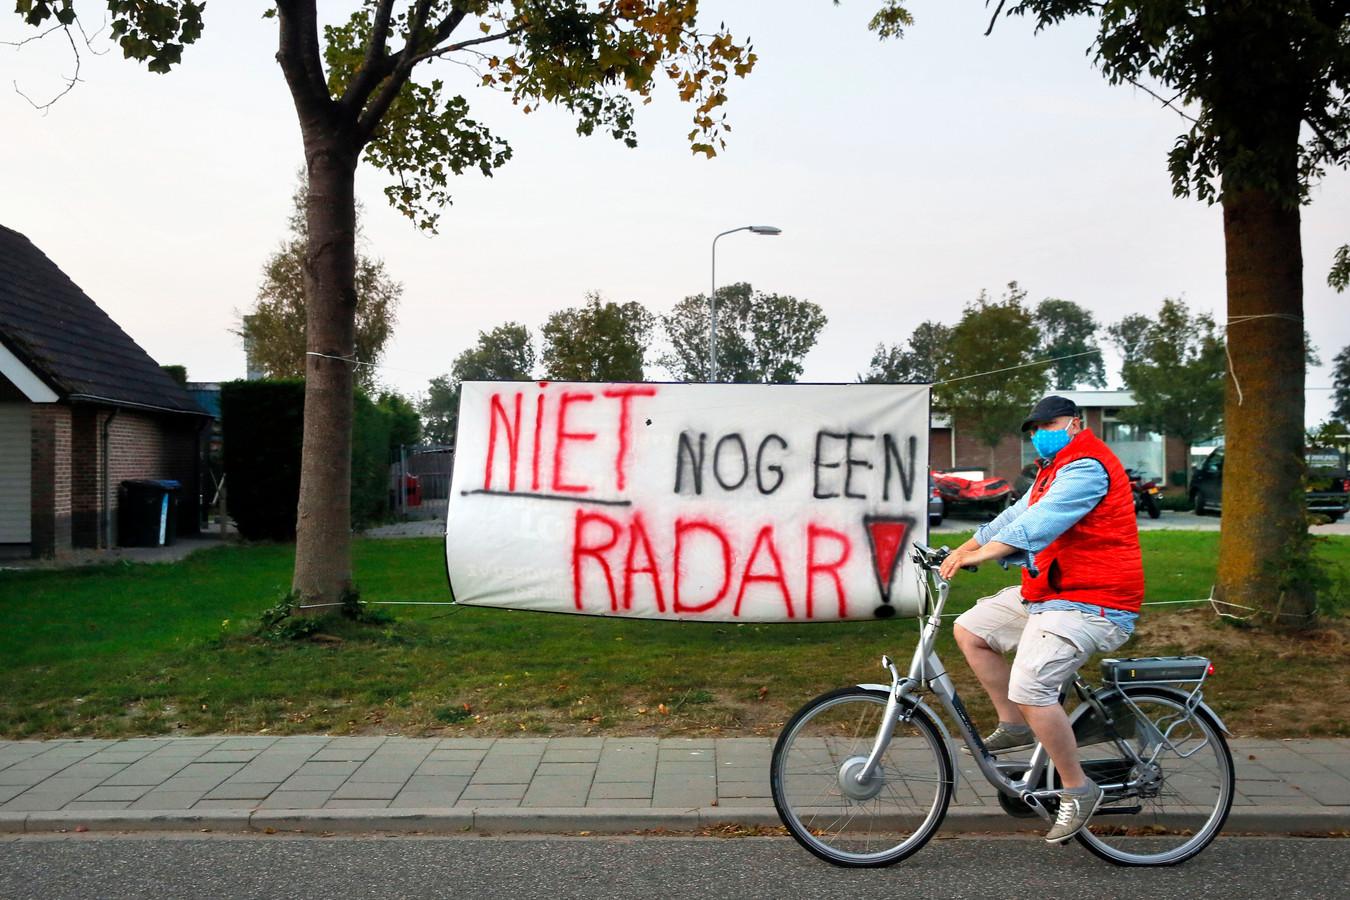 Protest in Herwijnen tegen de komst van een defensieradar (archiefbeeld).